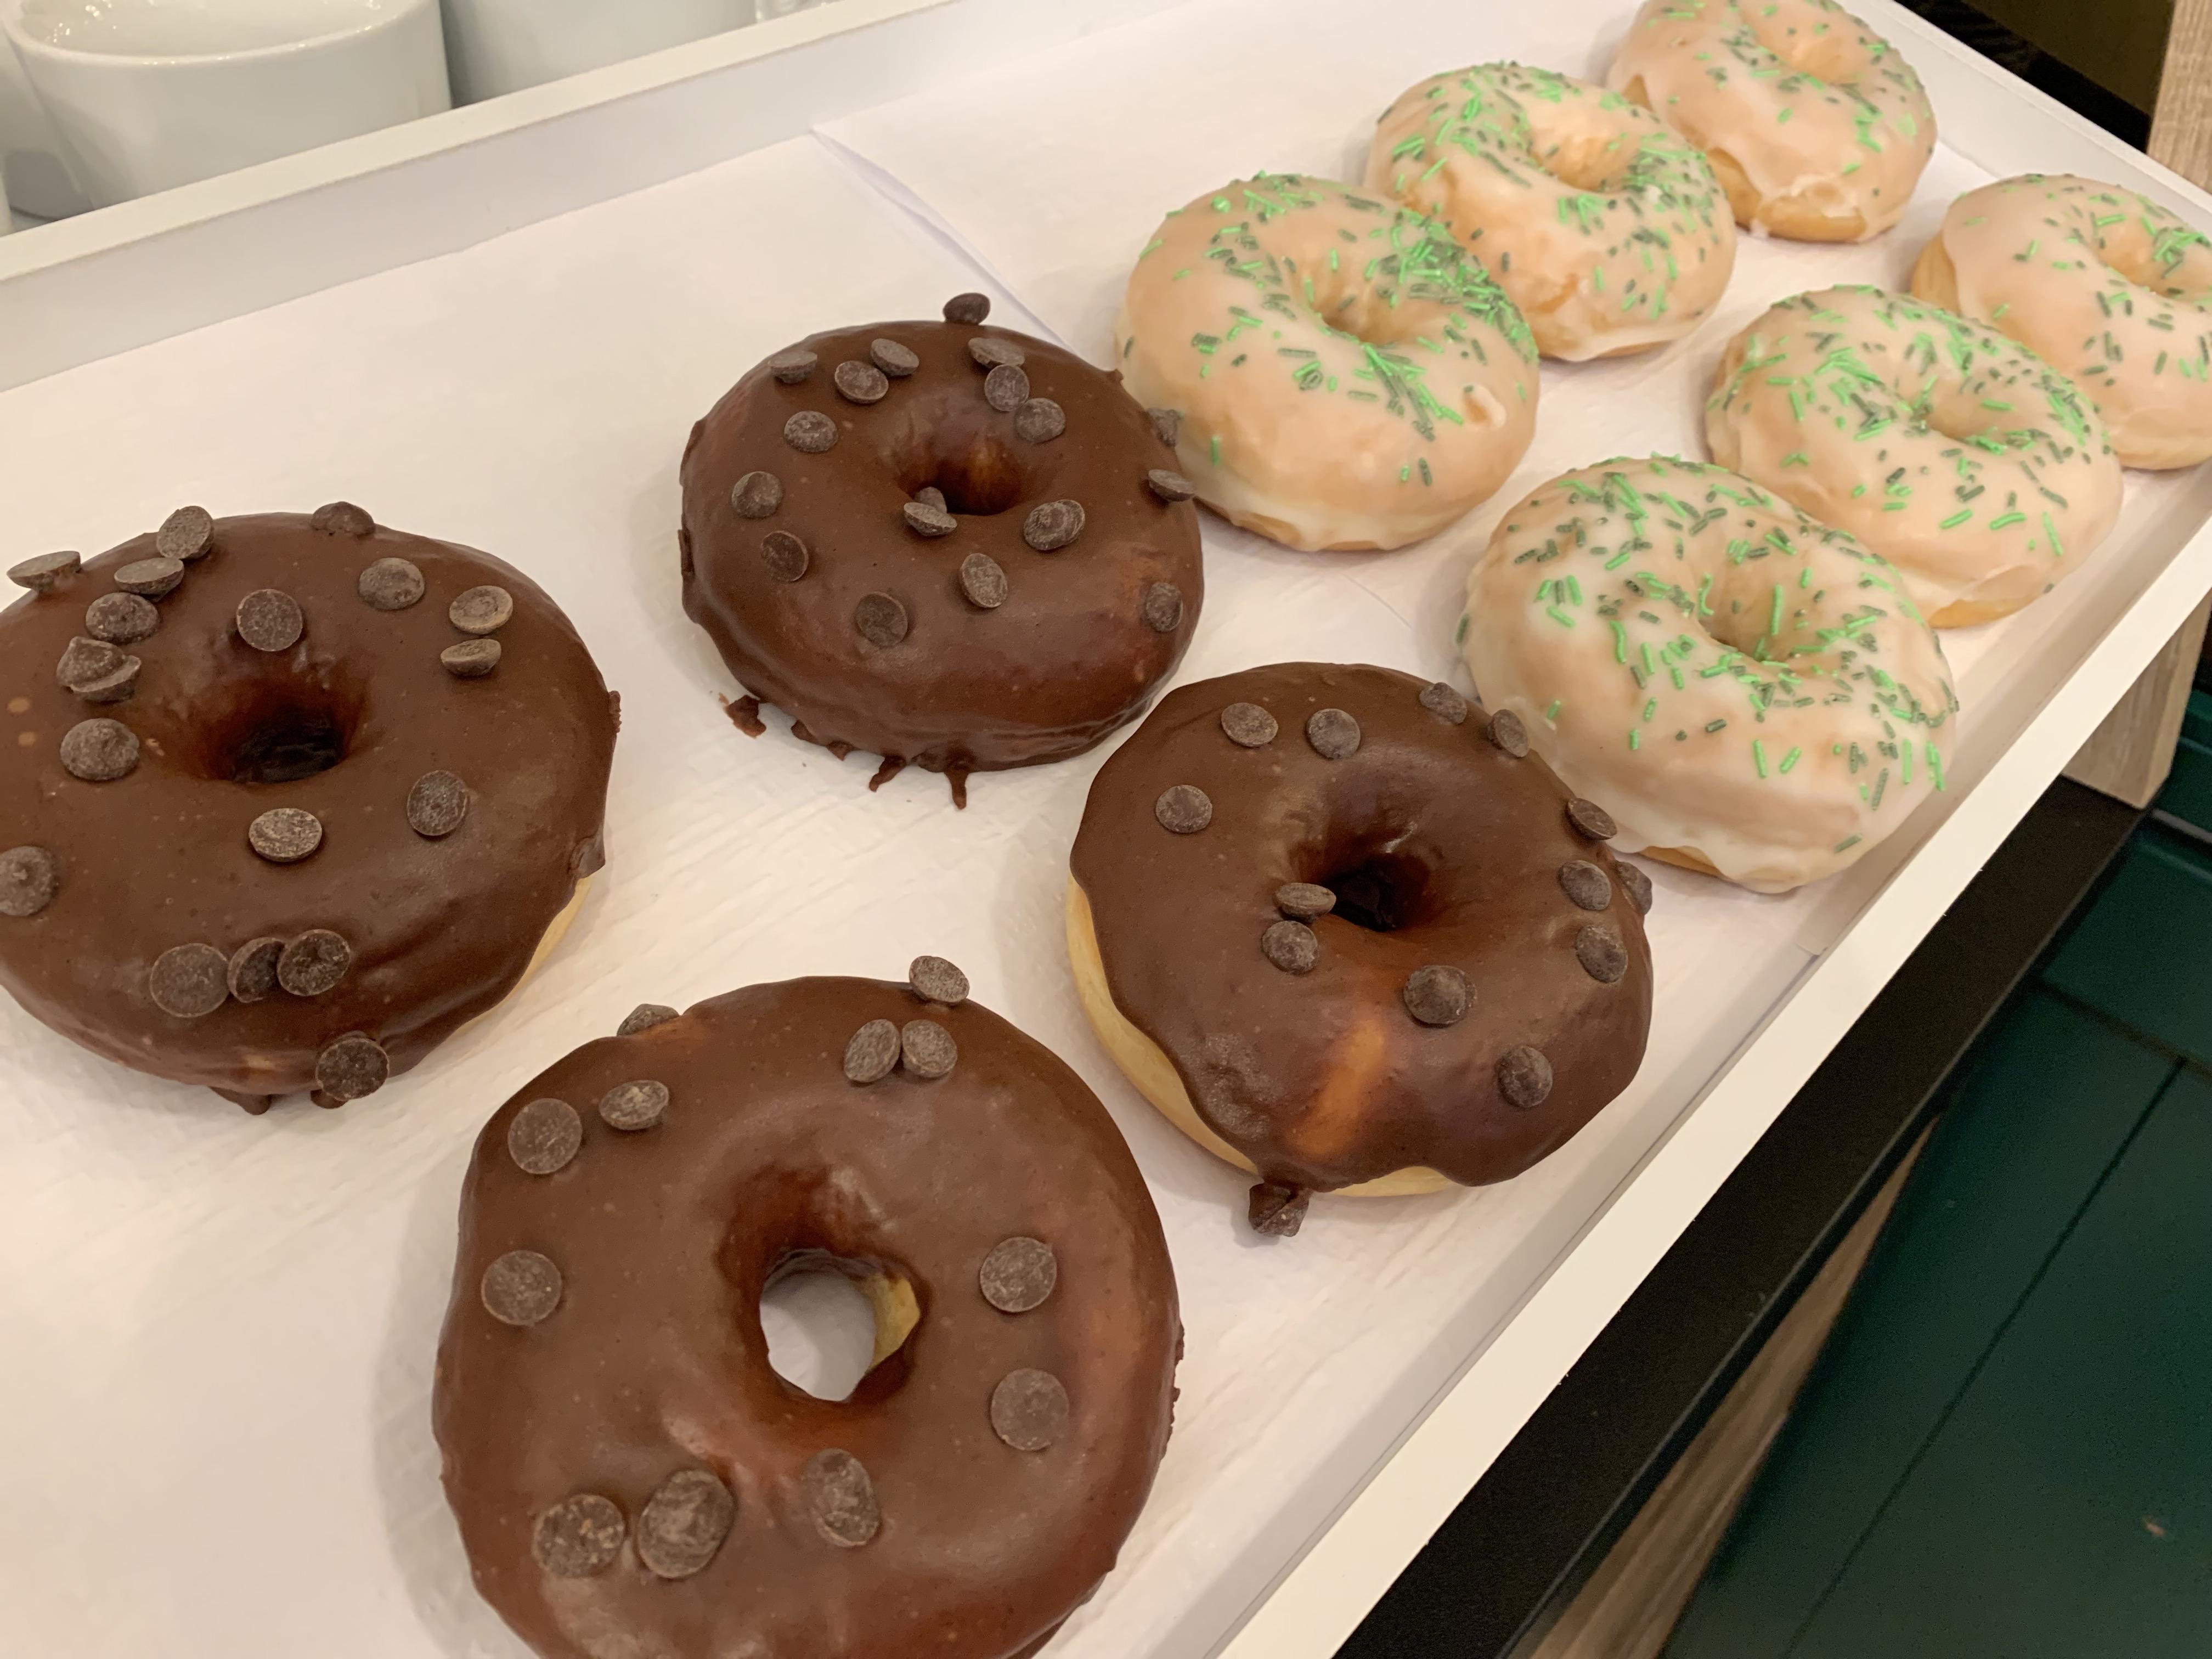 donut-geneve-blog-suisse-choisistonresto-envie-vegan